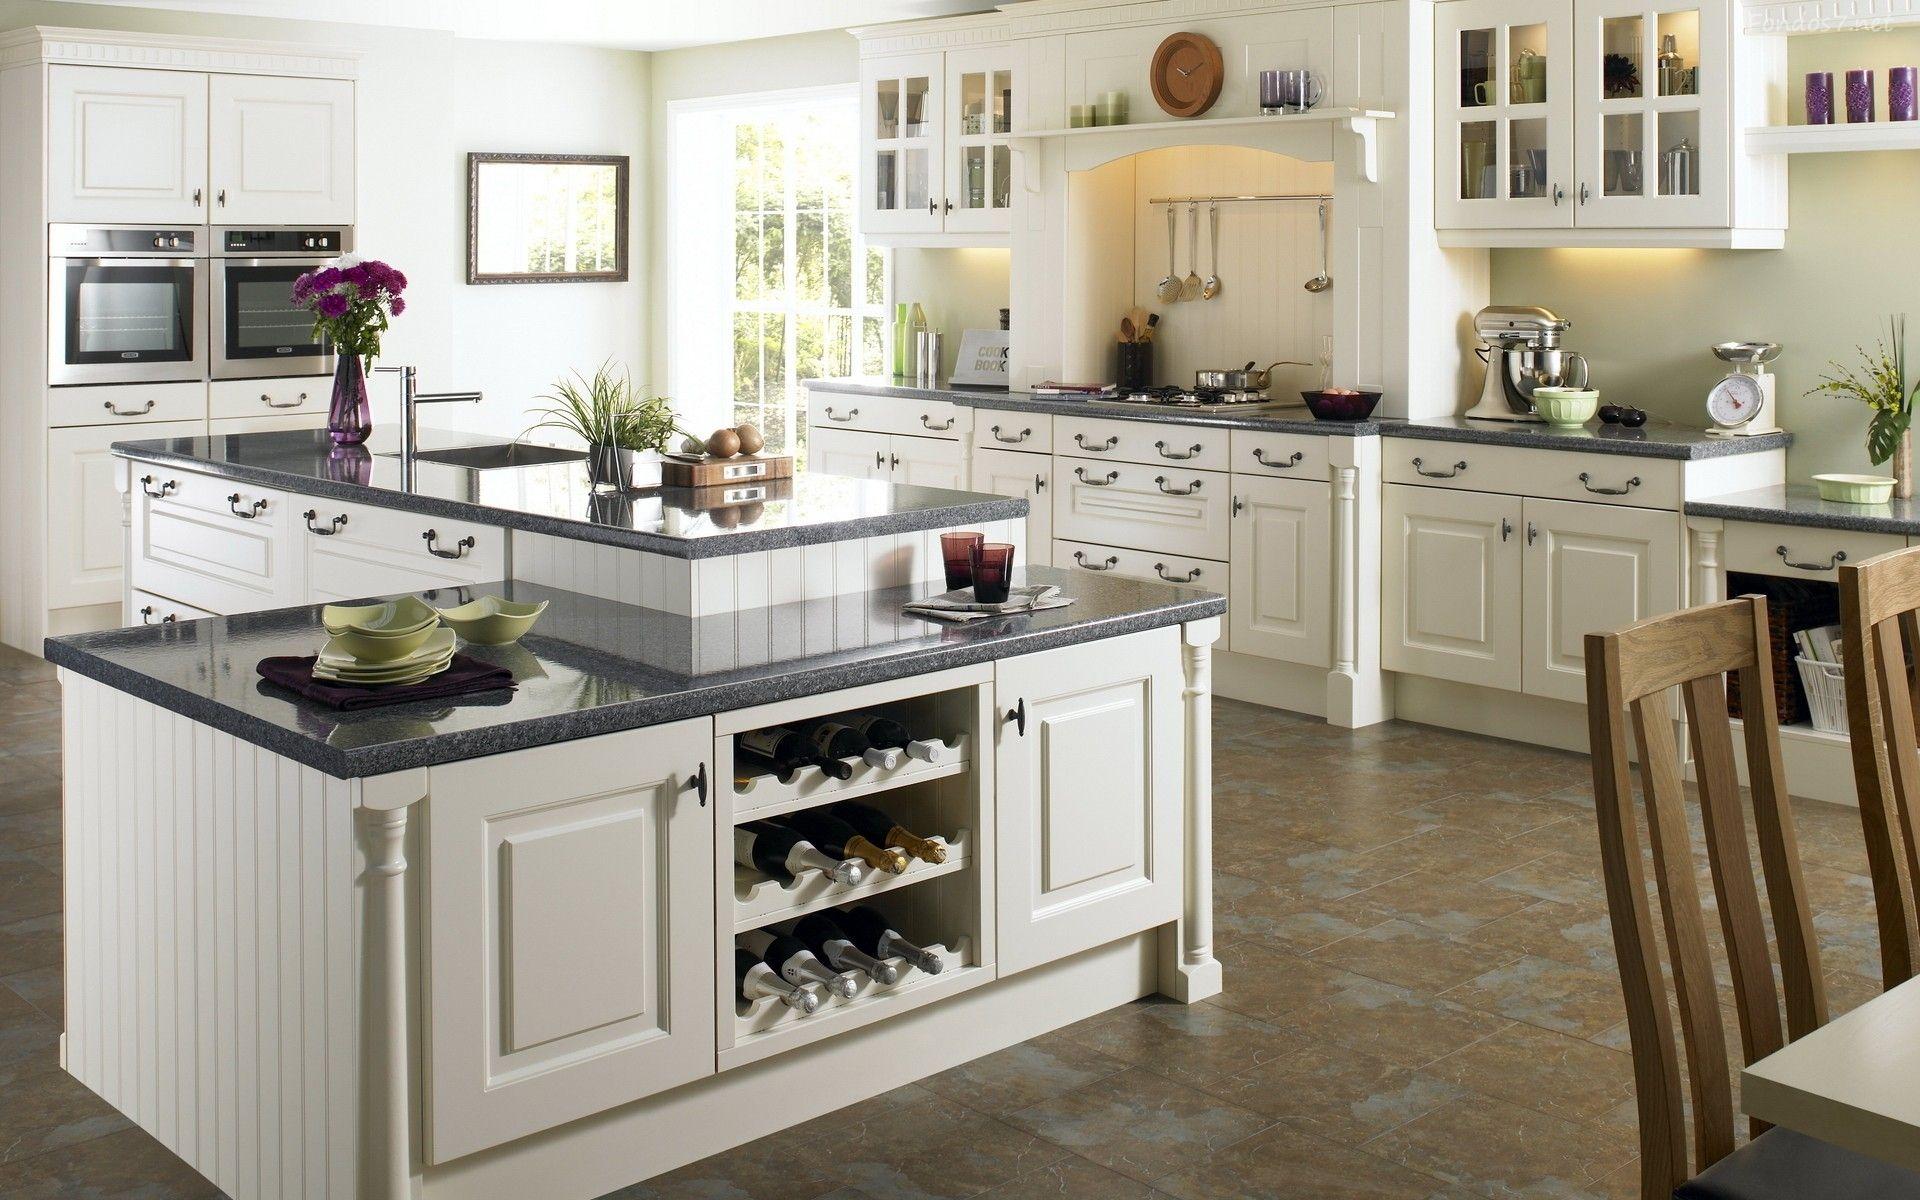 Cocinas modernas33 | COCINAS | Pinterest | Piso de ceramica, Colores ...